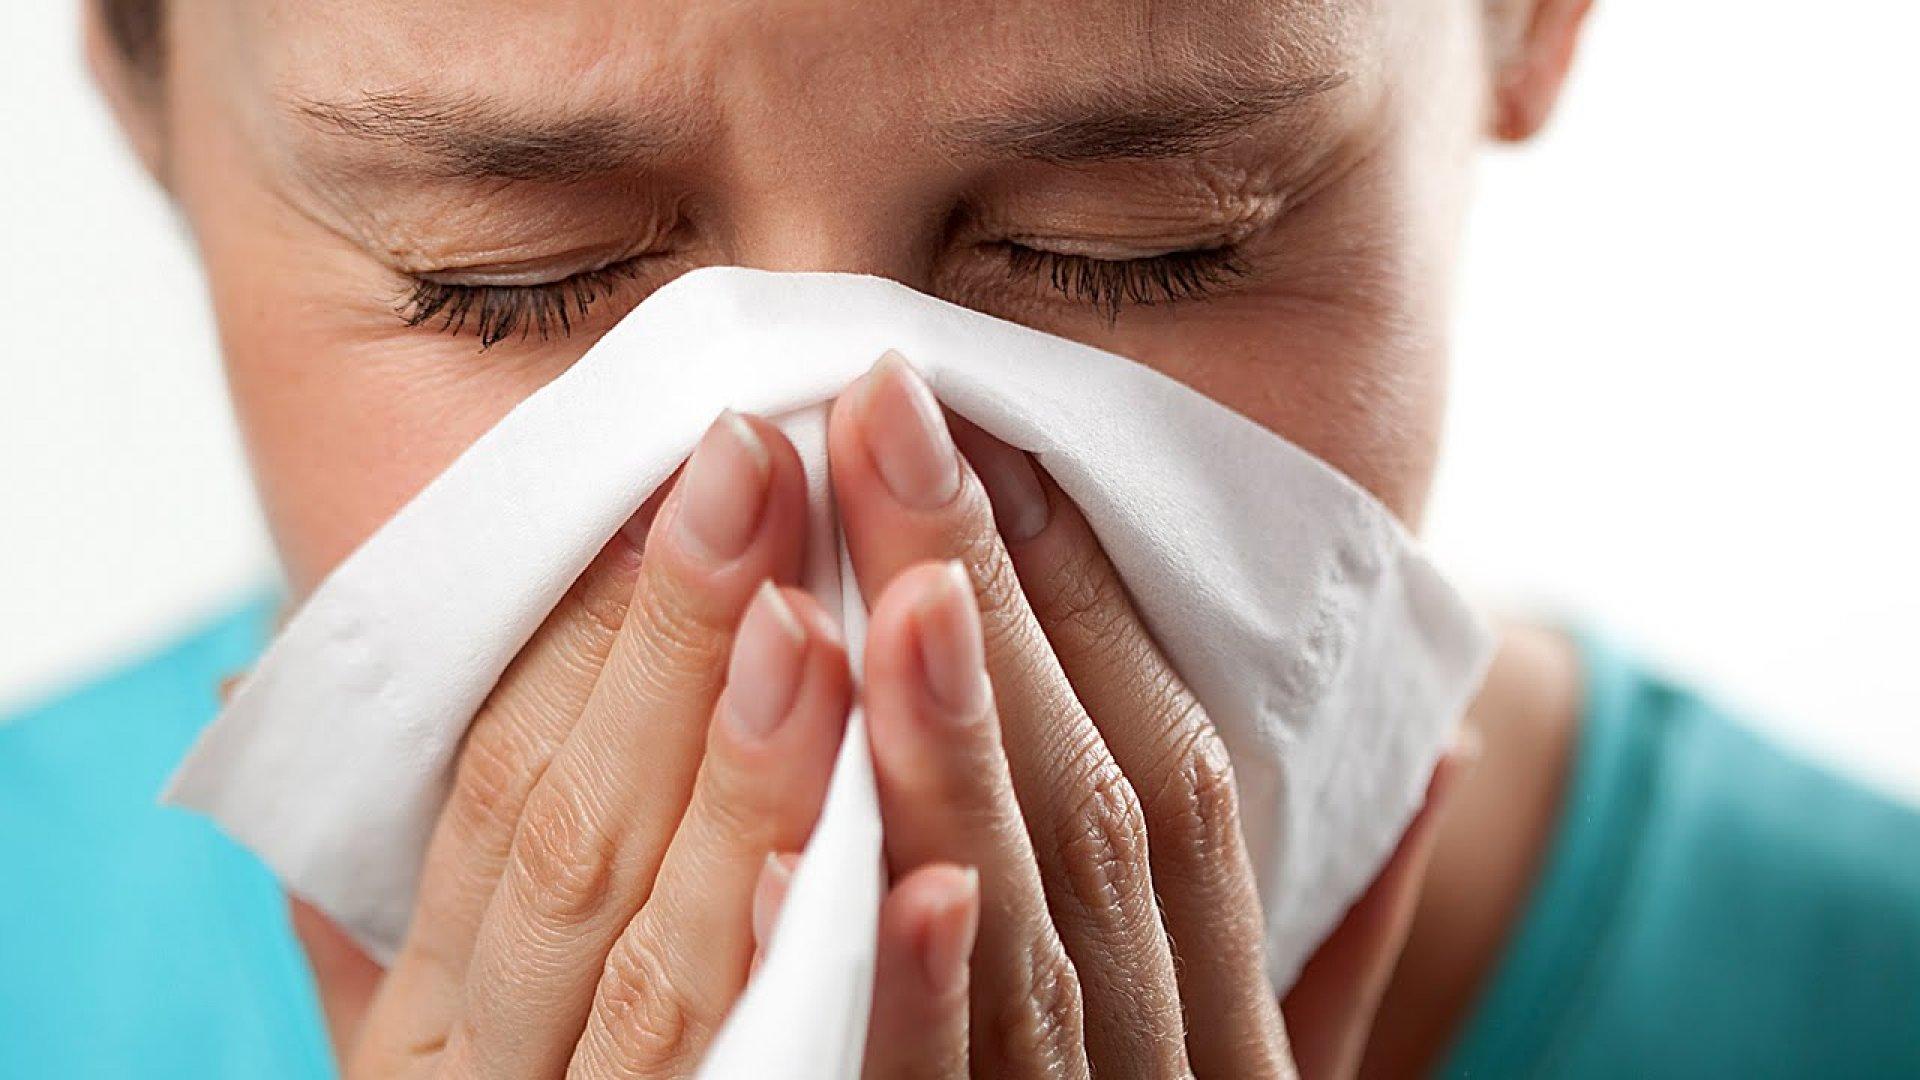 Выделения из носа - симптом аллергии